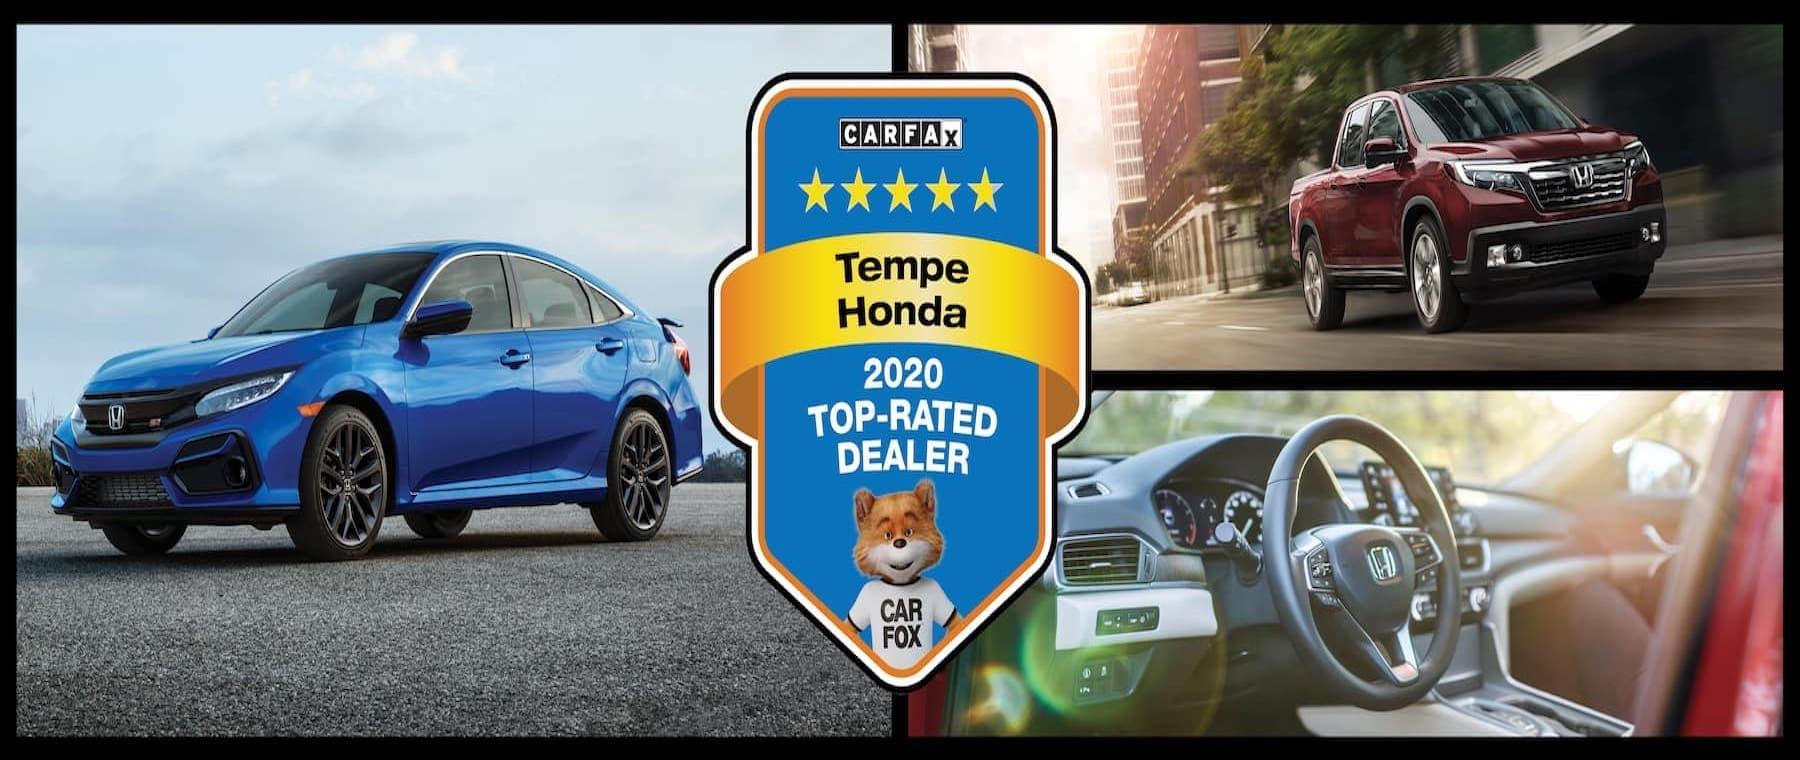 Tempe Honda 2020 top-rated Carfax dealer